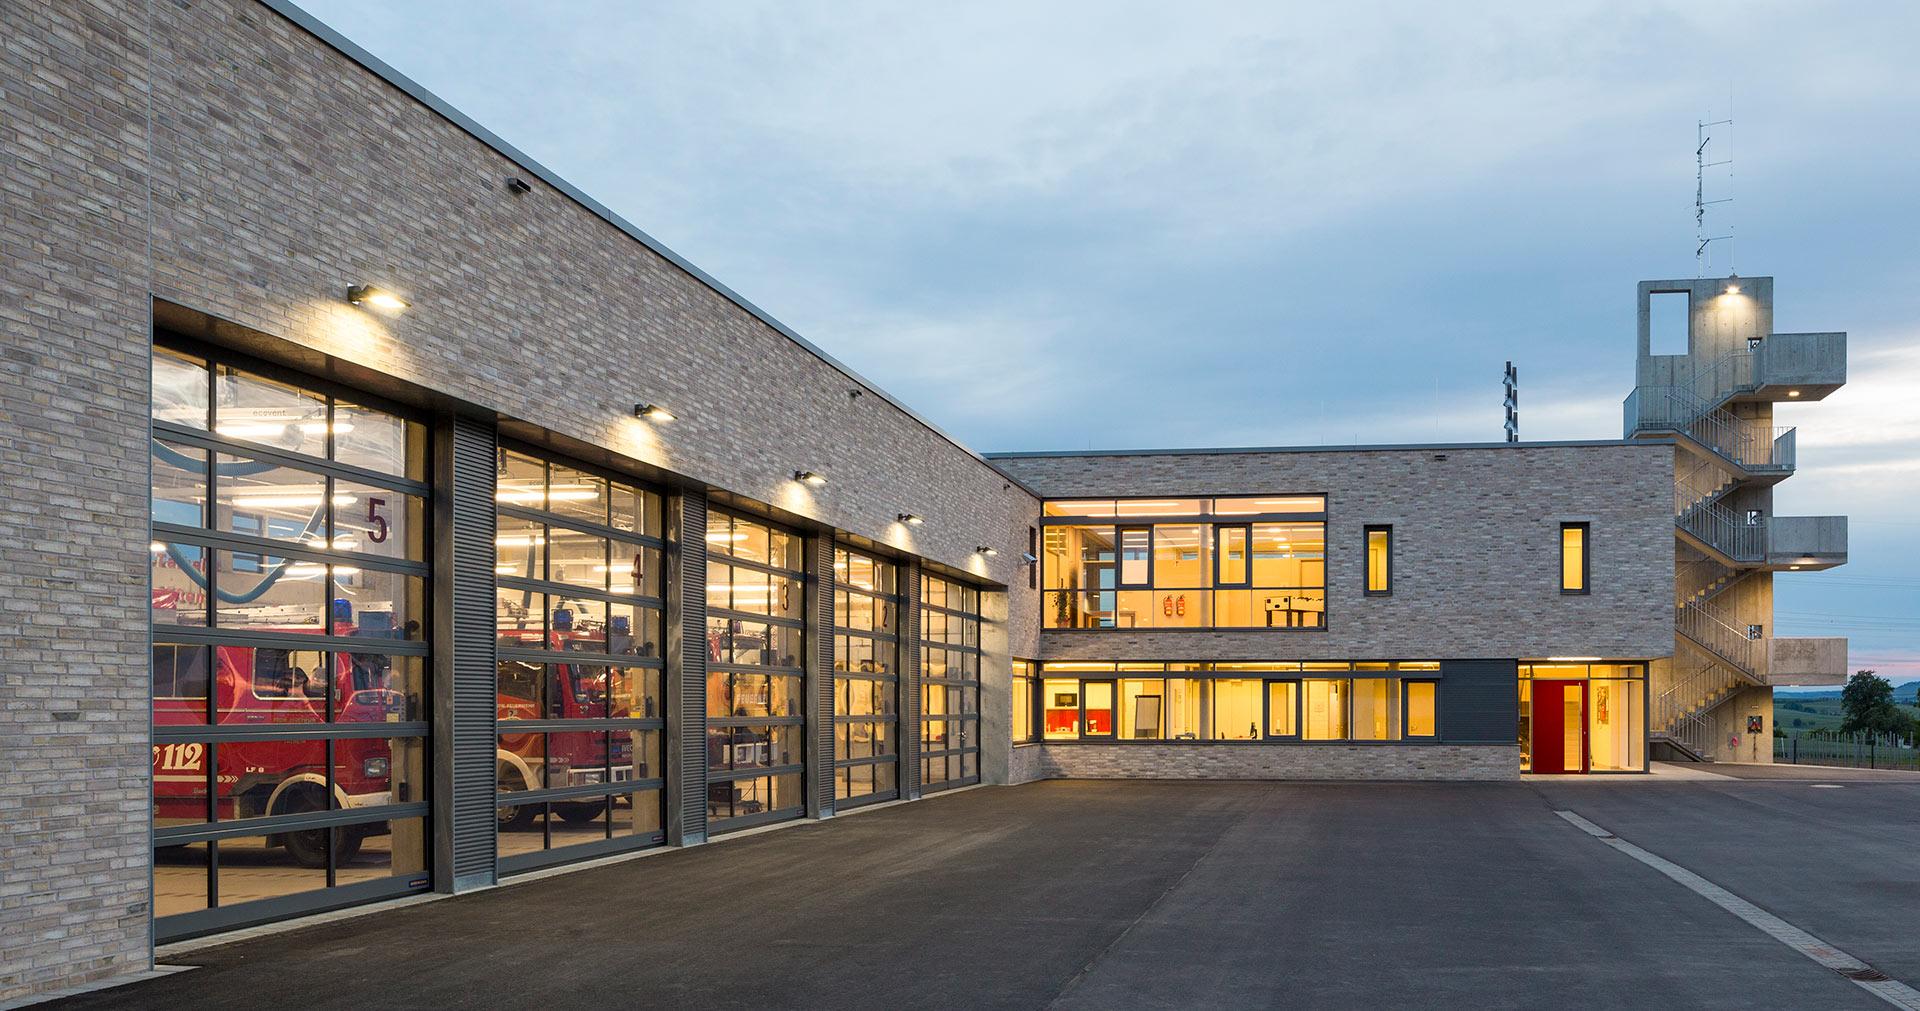 Feuerwehrhaus in talheim oho architekten stuttgart - Bgf architekten ...